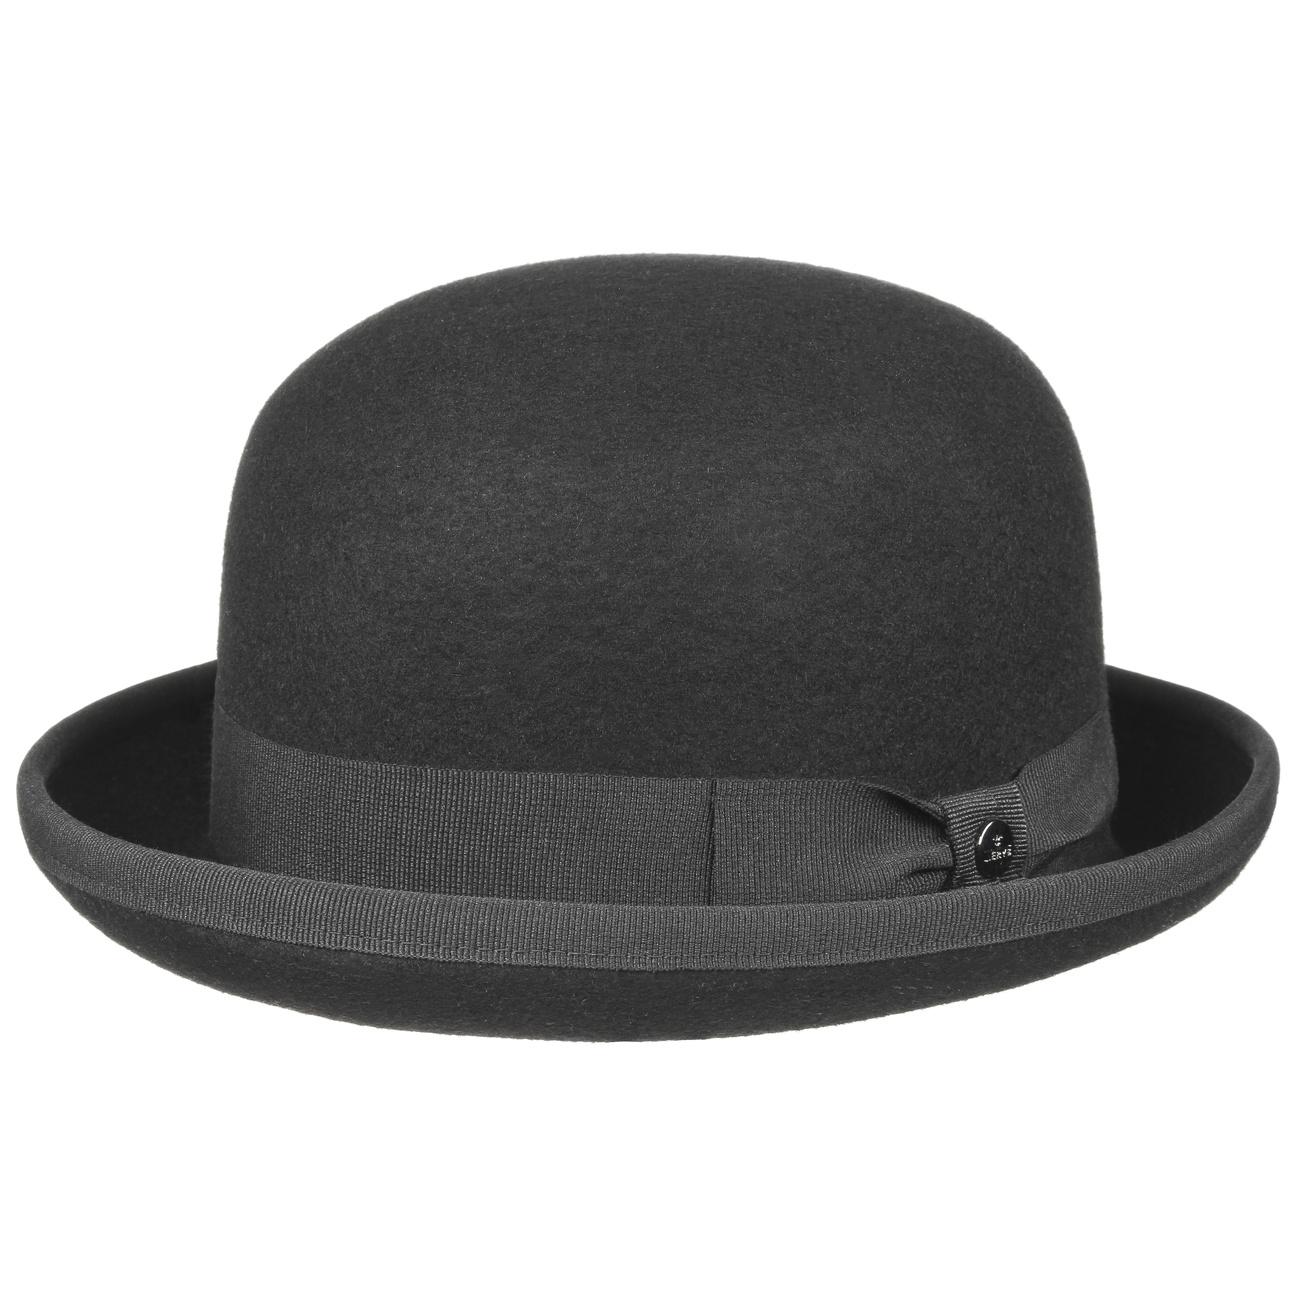 1249f92b775a1 Sombrero de Fieltro Pelo Bombín by Lierys - Sombreros - sombreroshop.es